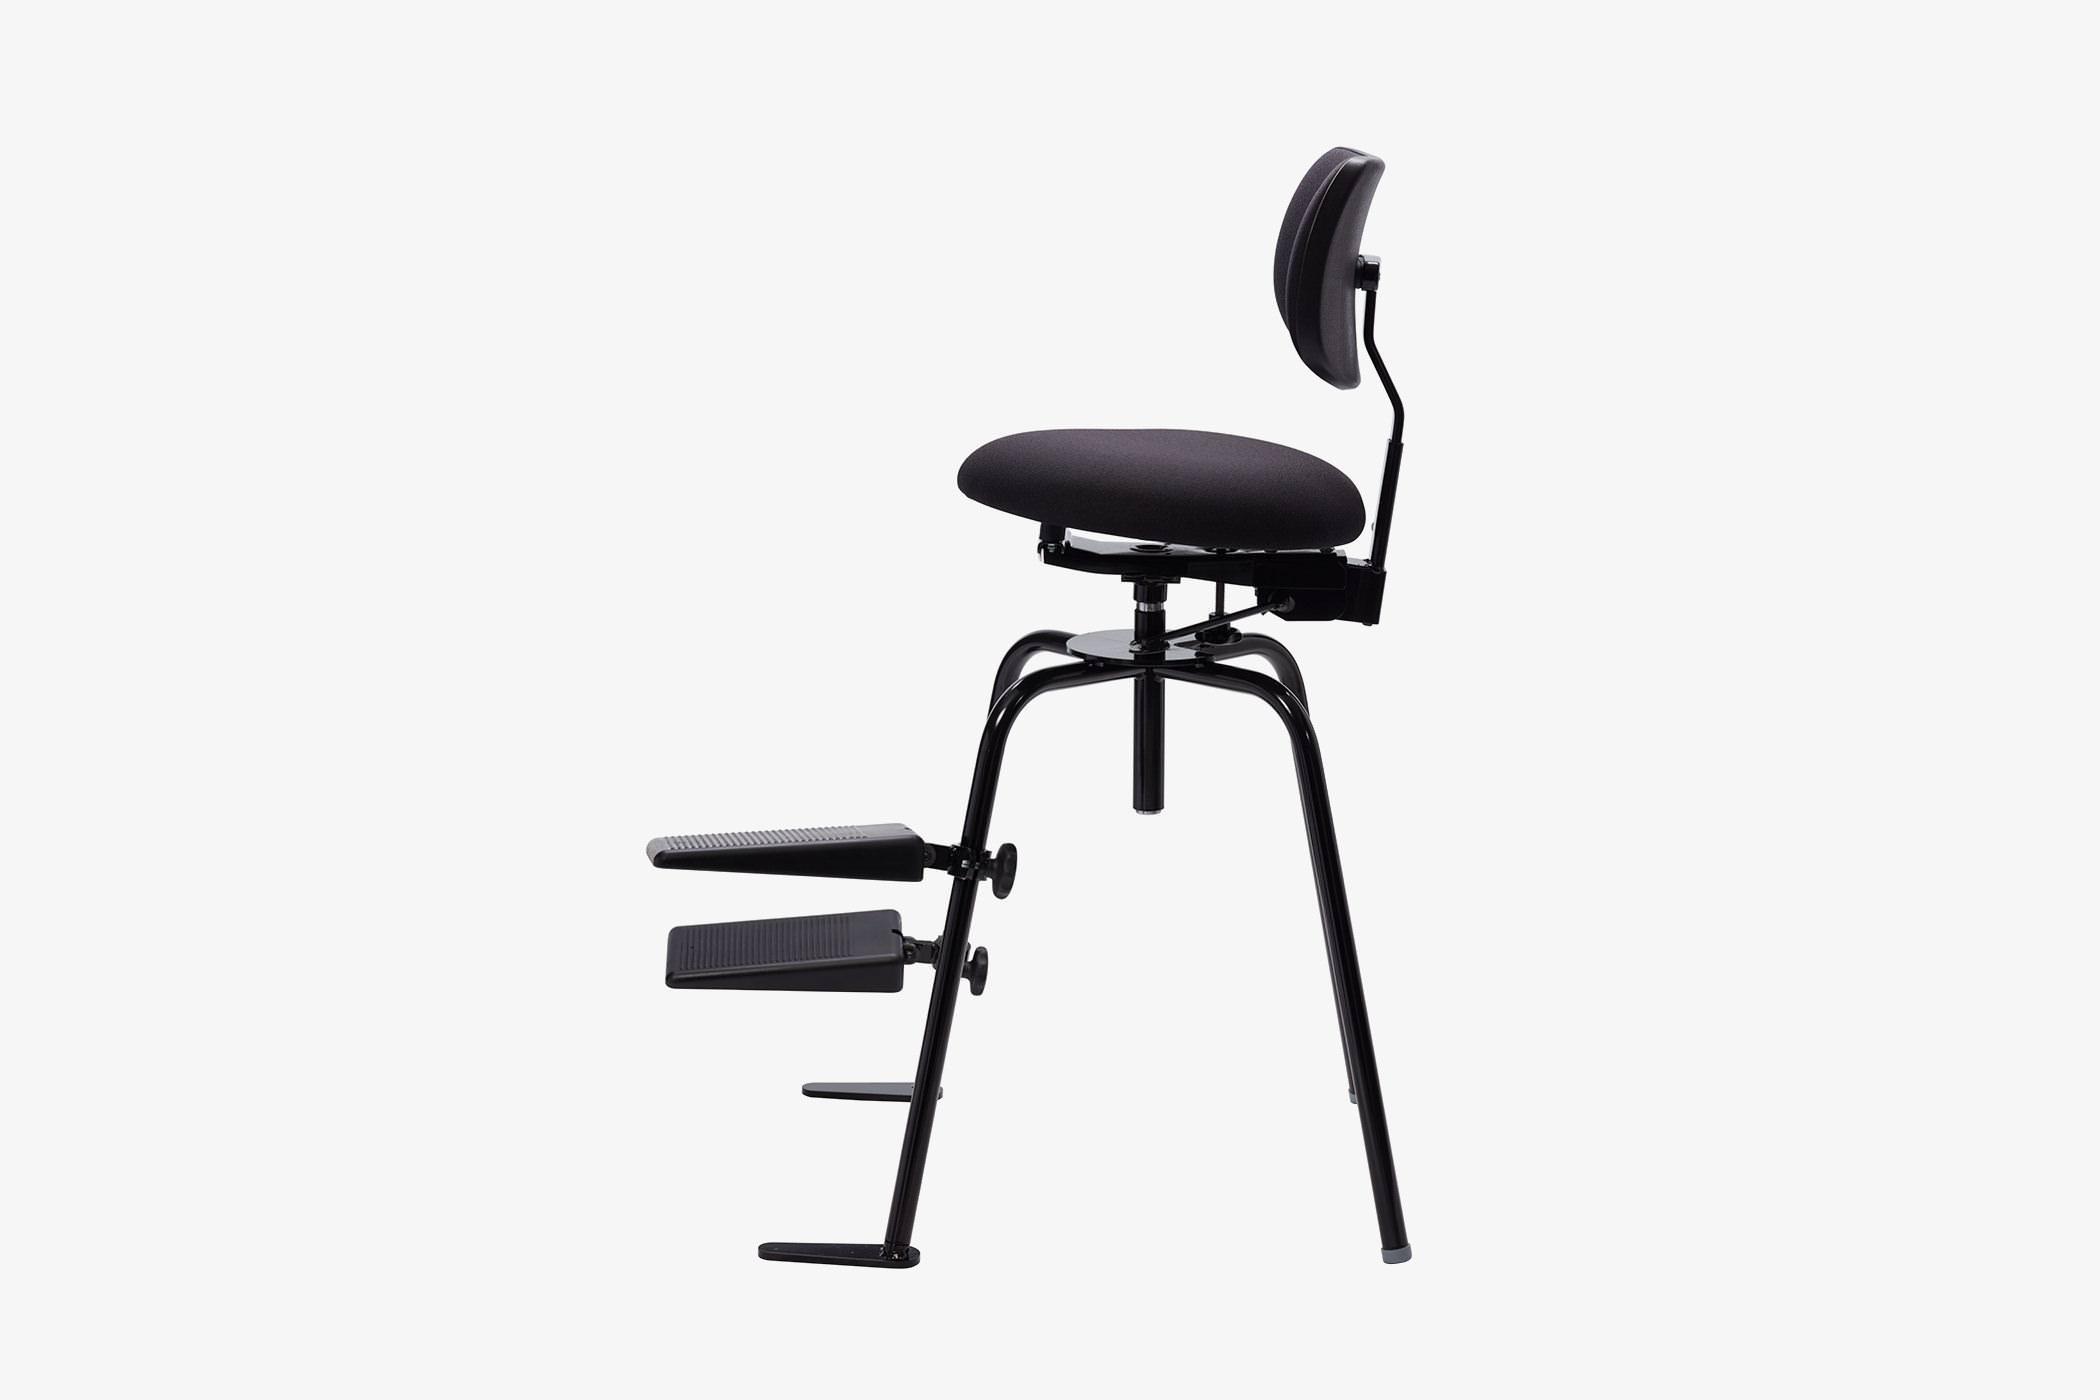 Bass Chair Wilde Spieth